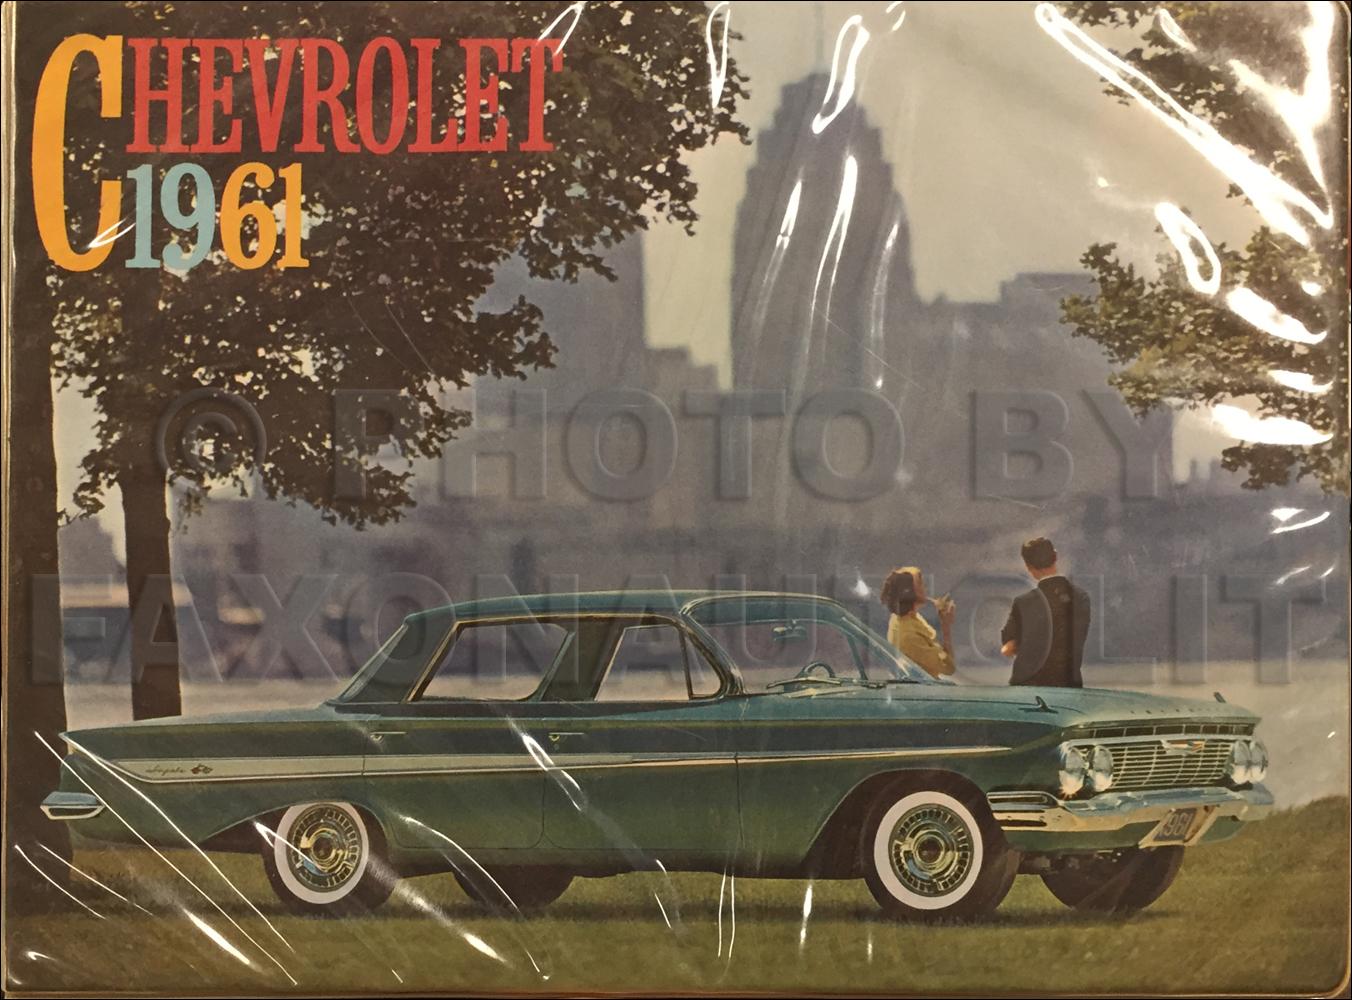 1961 Chevrolet Car Repair Shop Manual Reprint